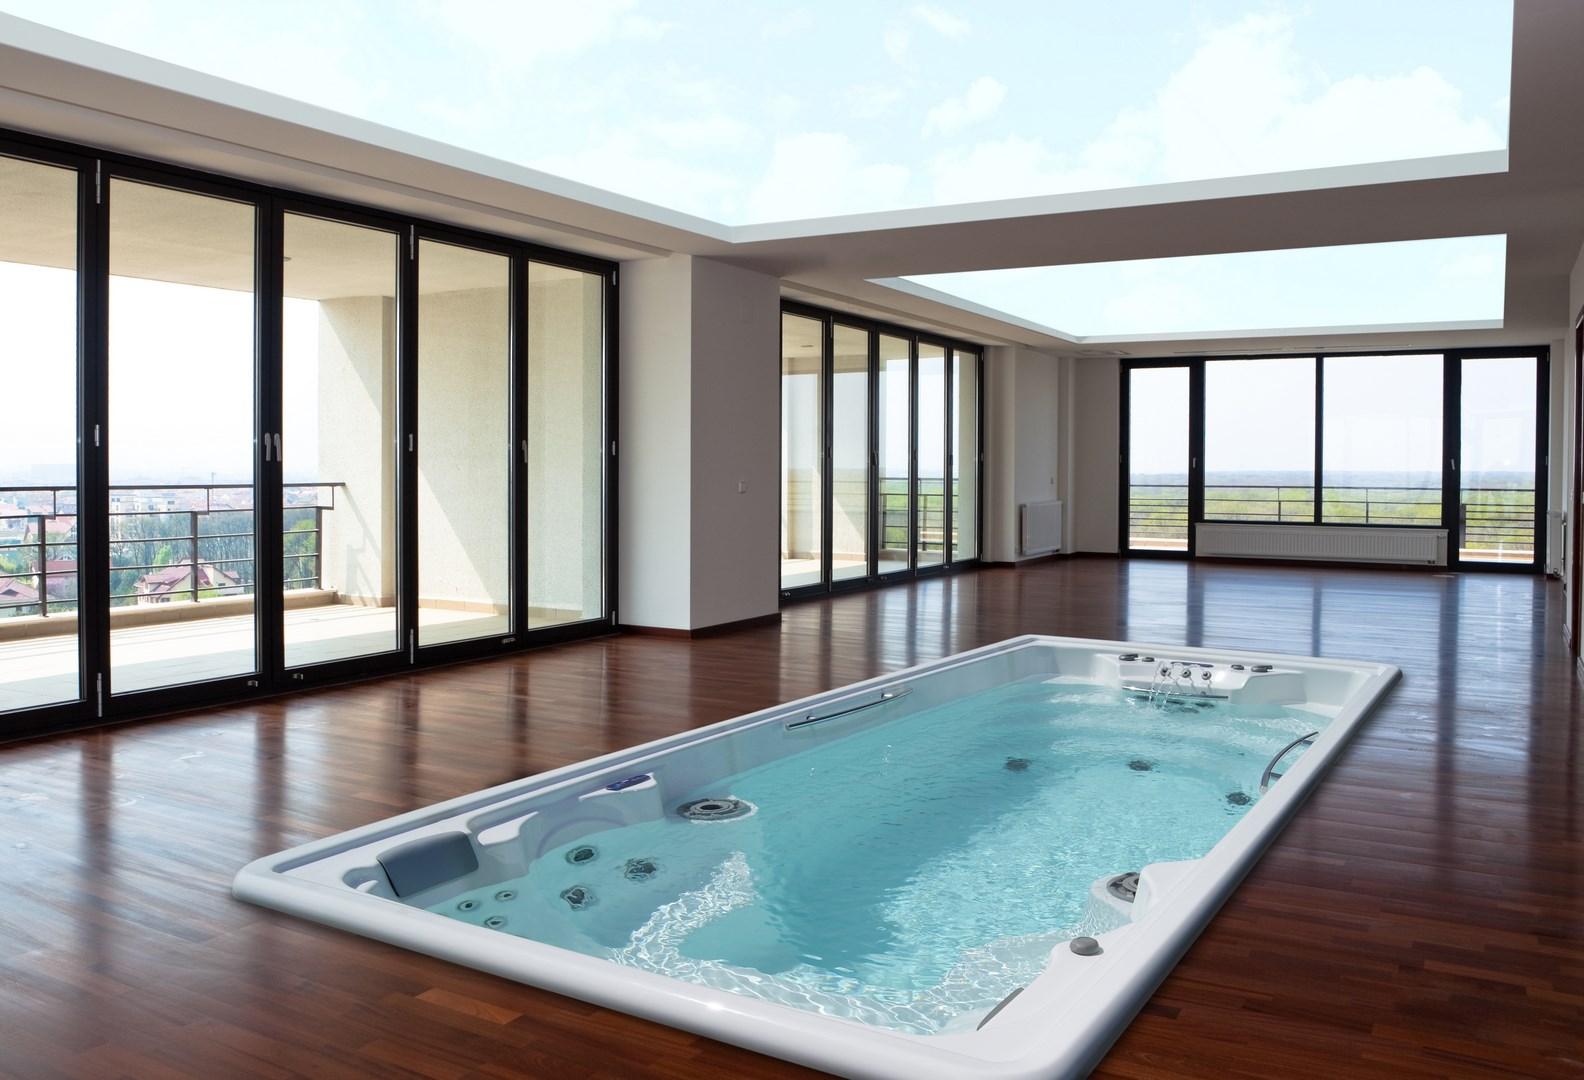 gamme spa de nage. Black Bedroom Furniture Sets. Home Design Ideas